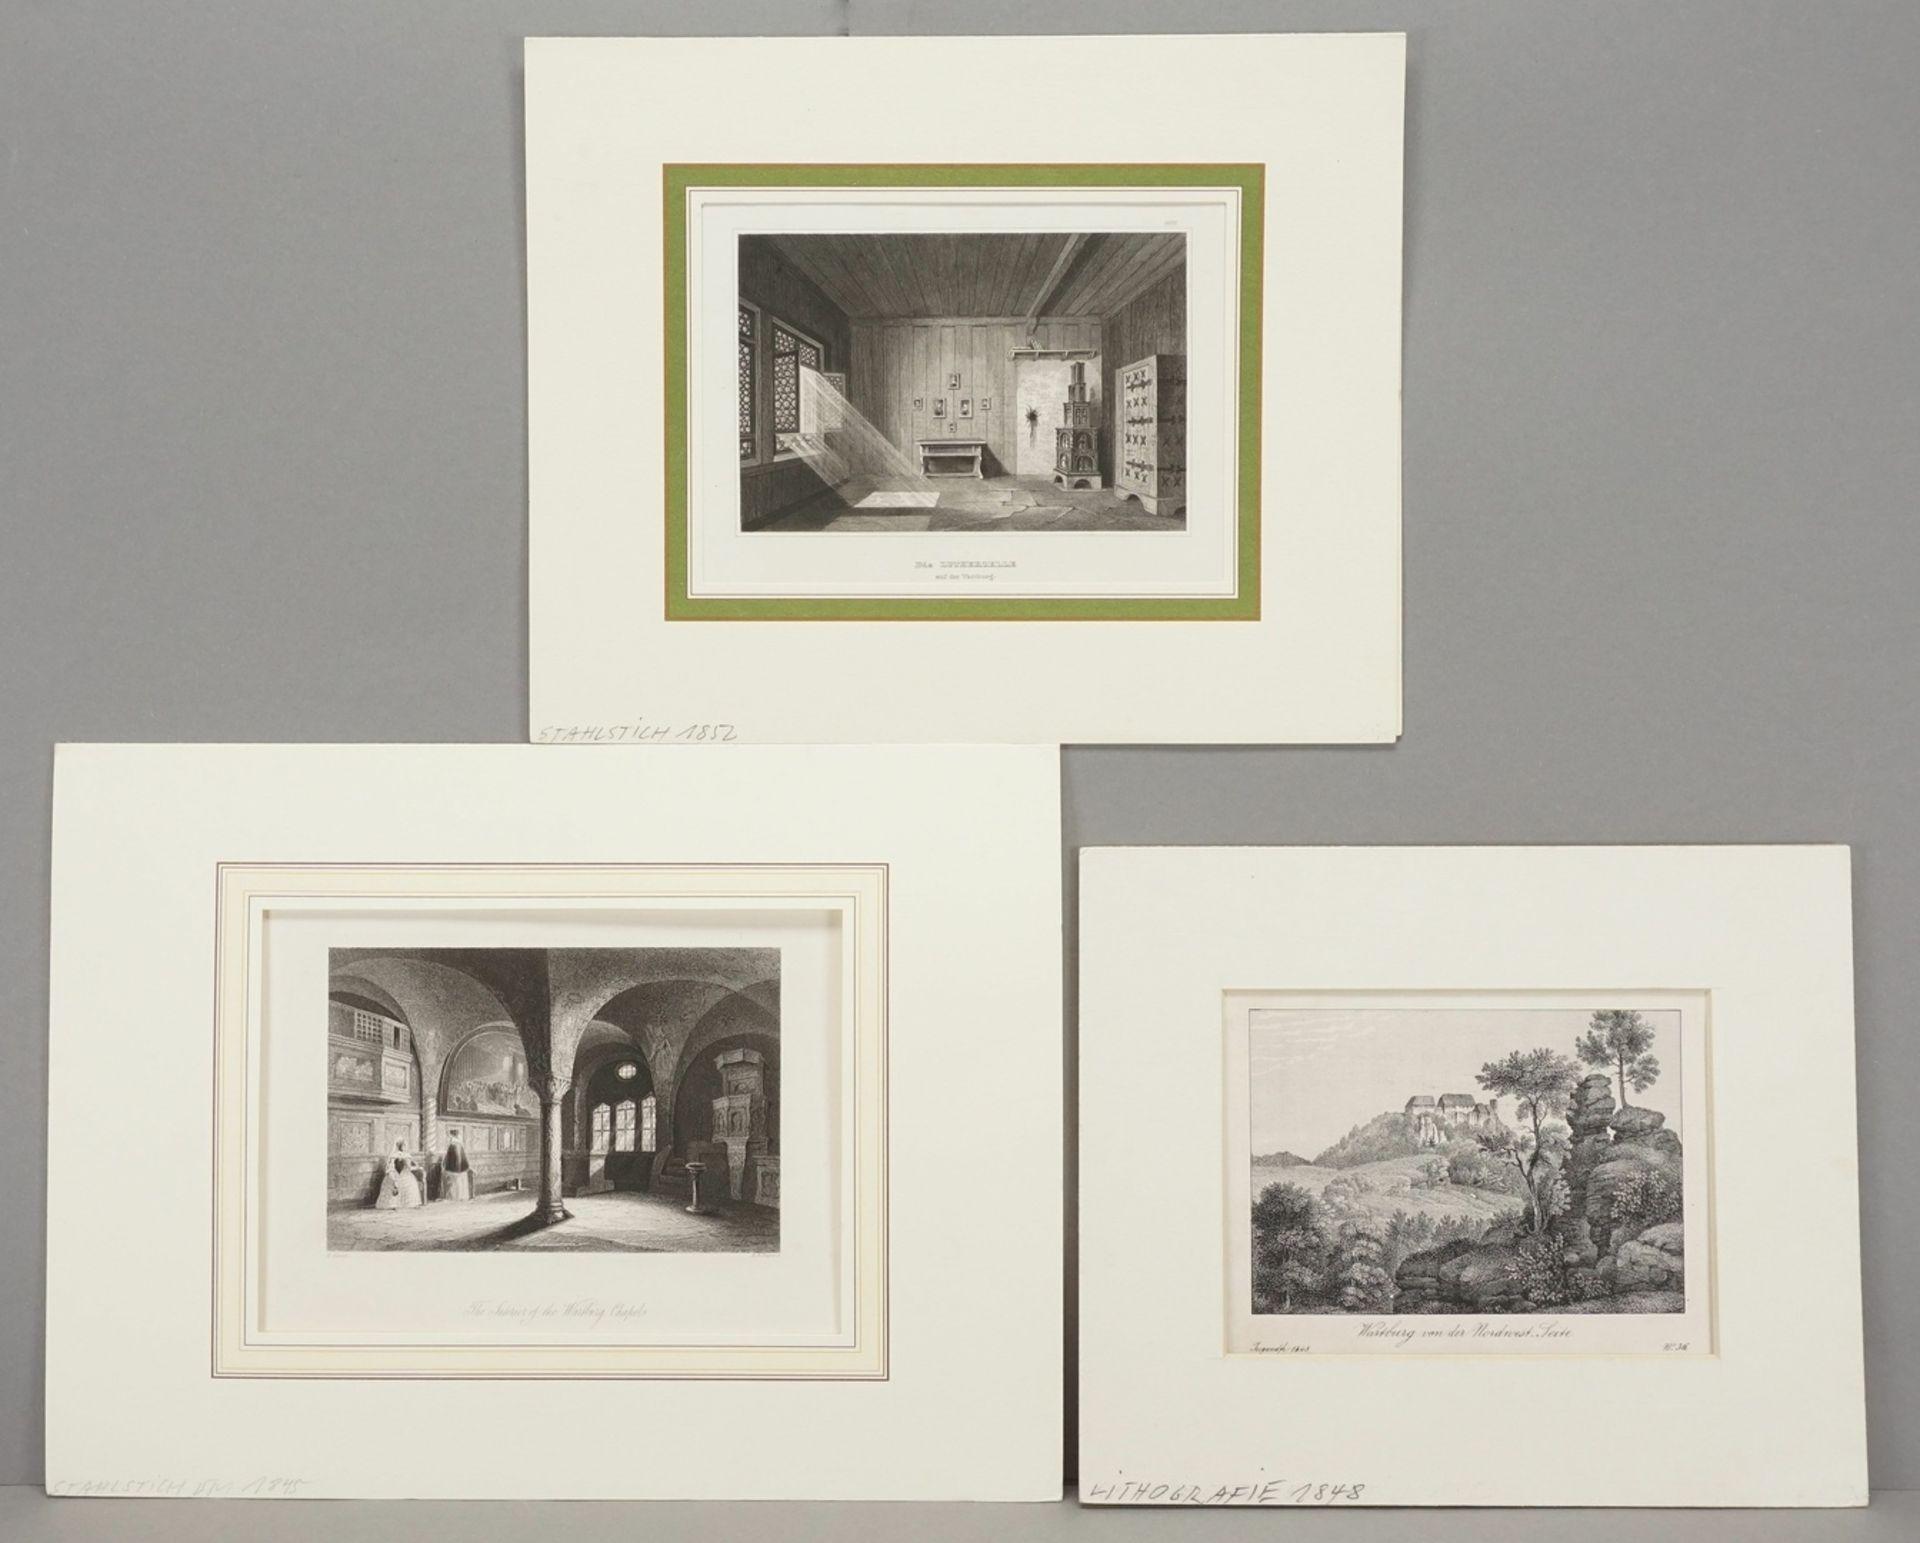 Drei Blatt zur Wartburg bei Eisenach